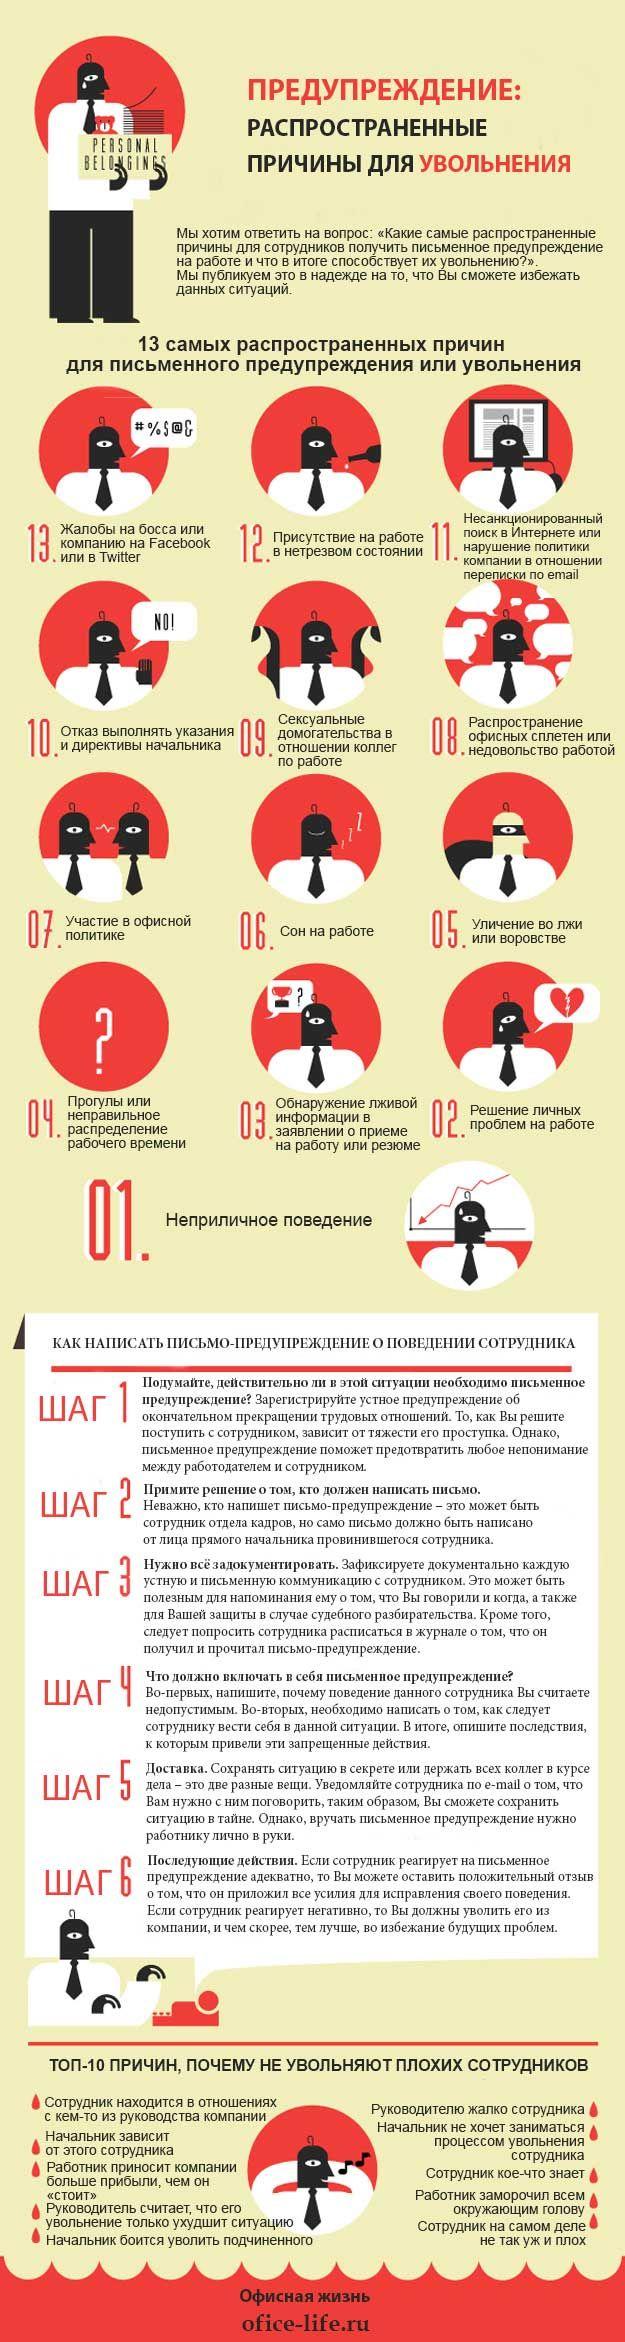 13 причин увольнения